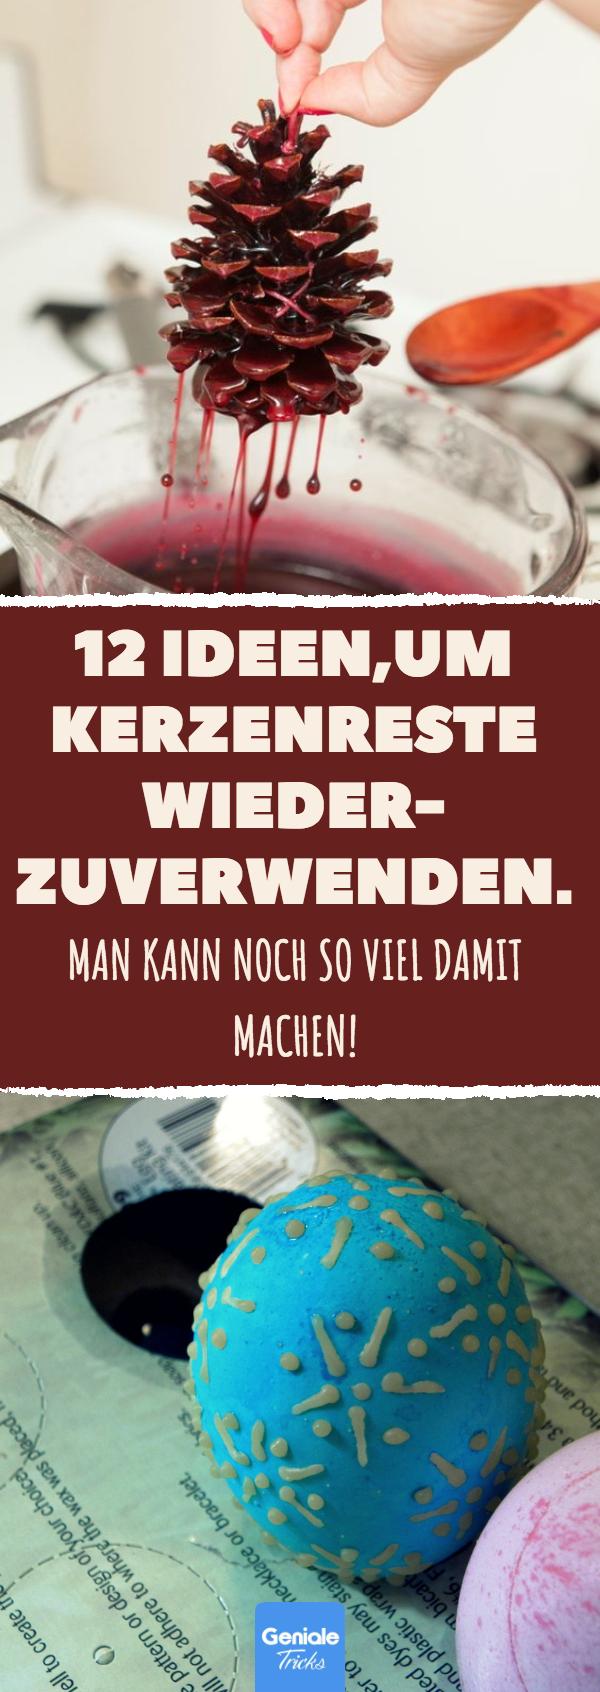 12 Ideen,um Kerzenreste wiederzuverwenden. #kerzenreste #wachsreste #upcycling #kerzen #upcyclingideen